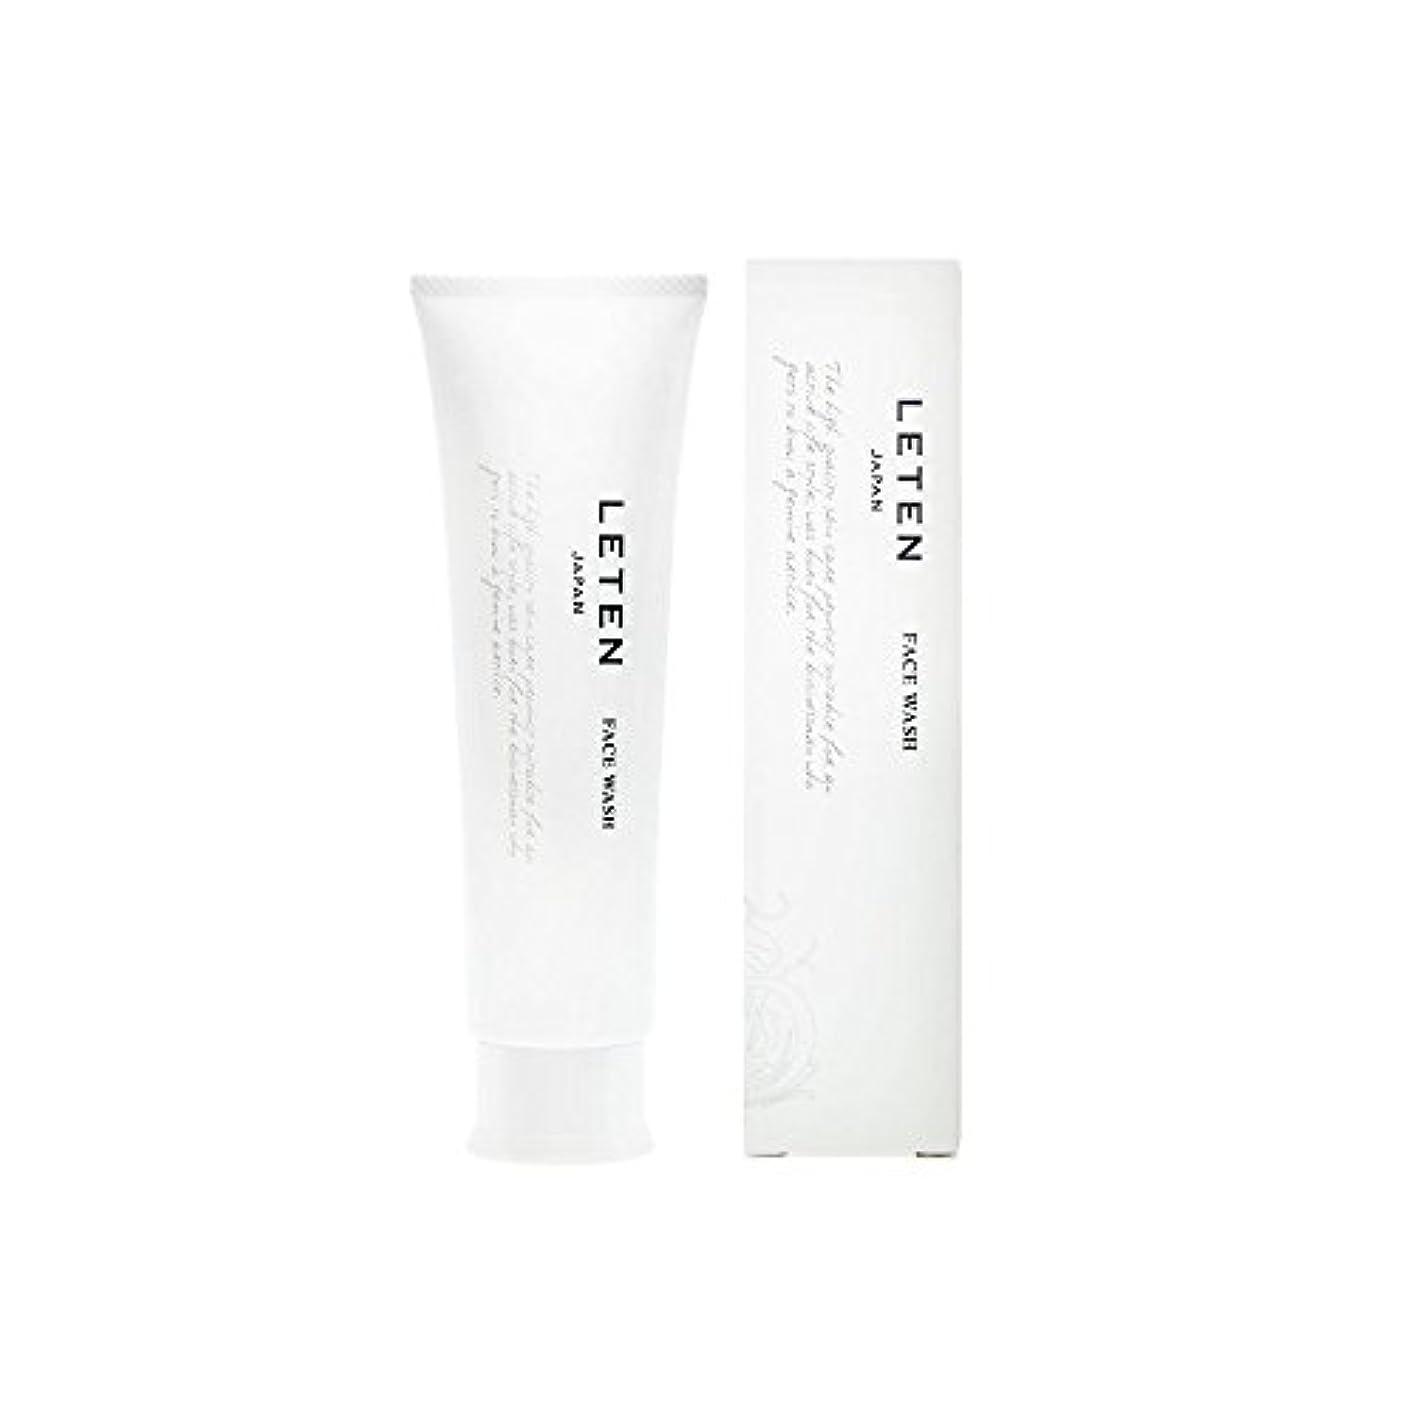 バイアス同一性排気レテン (LETEN) フェイスウォッシュ 100g 洗顔フォーム 洗顔料 敏感肌